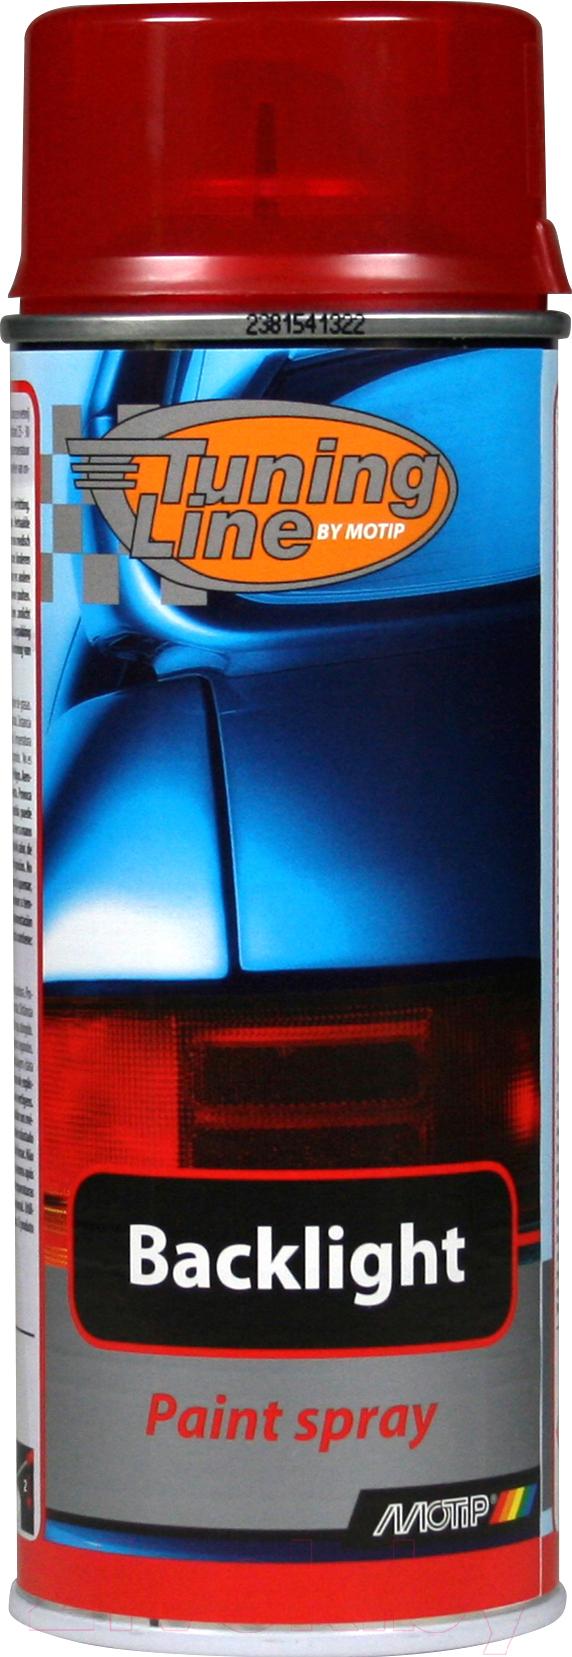 Купить Лак автомобильный MoTip, Для тонировки фар / 00261 (400мл, красный), Нидерланды